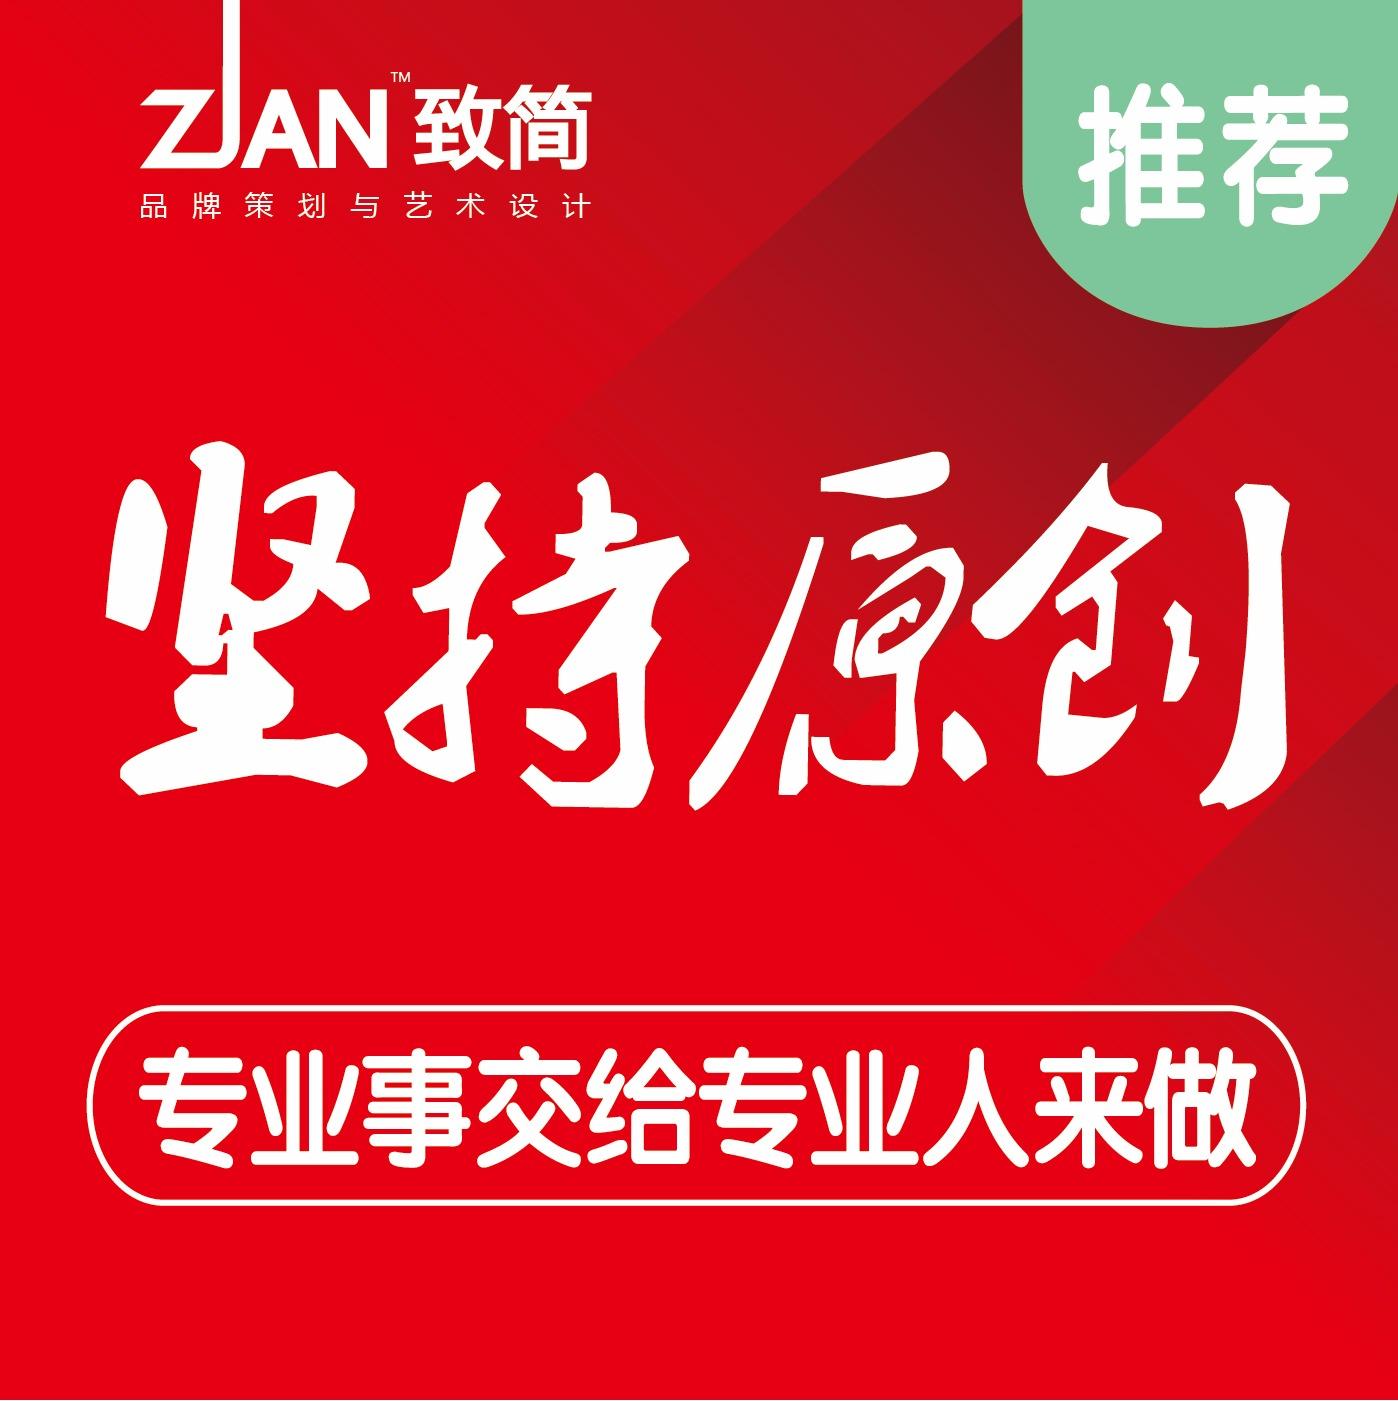 【致简logo设计】隐形眼镜美瞳眼药水滴眼液品牌企业公司标志